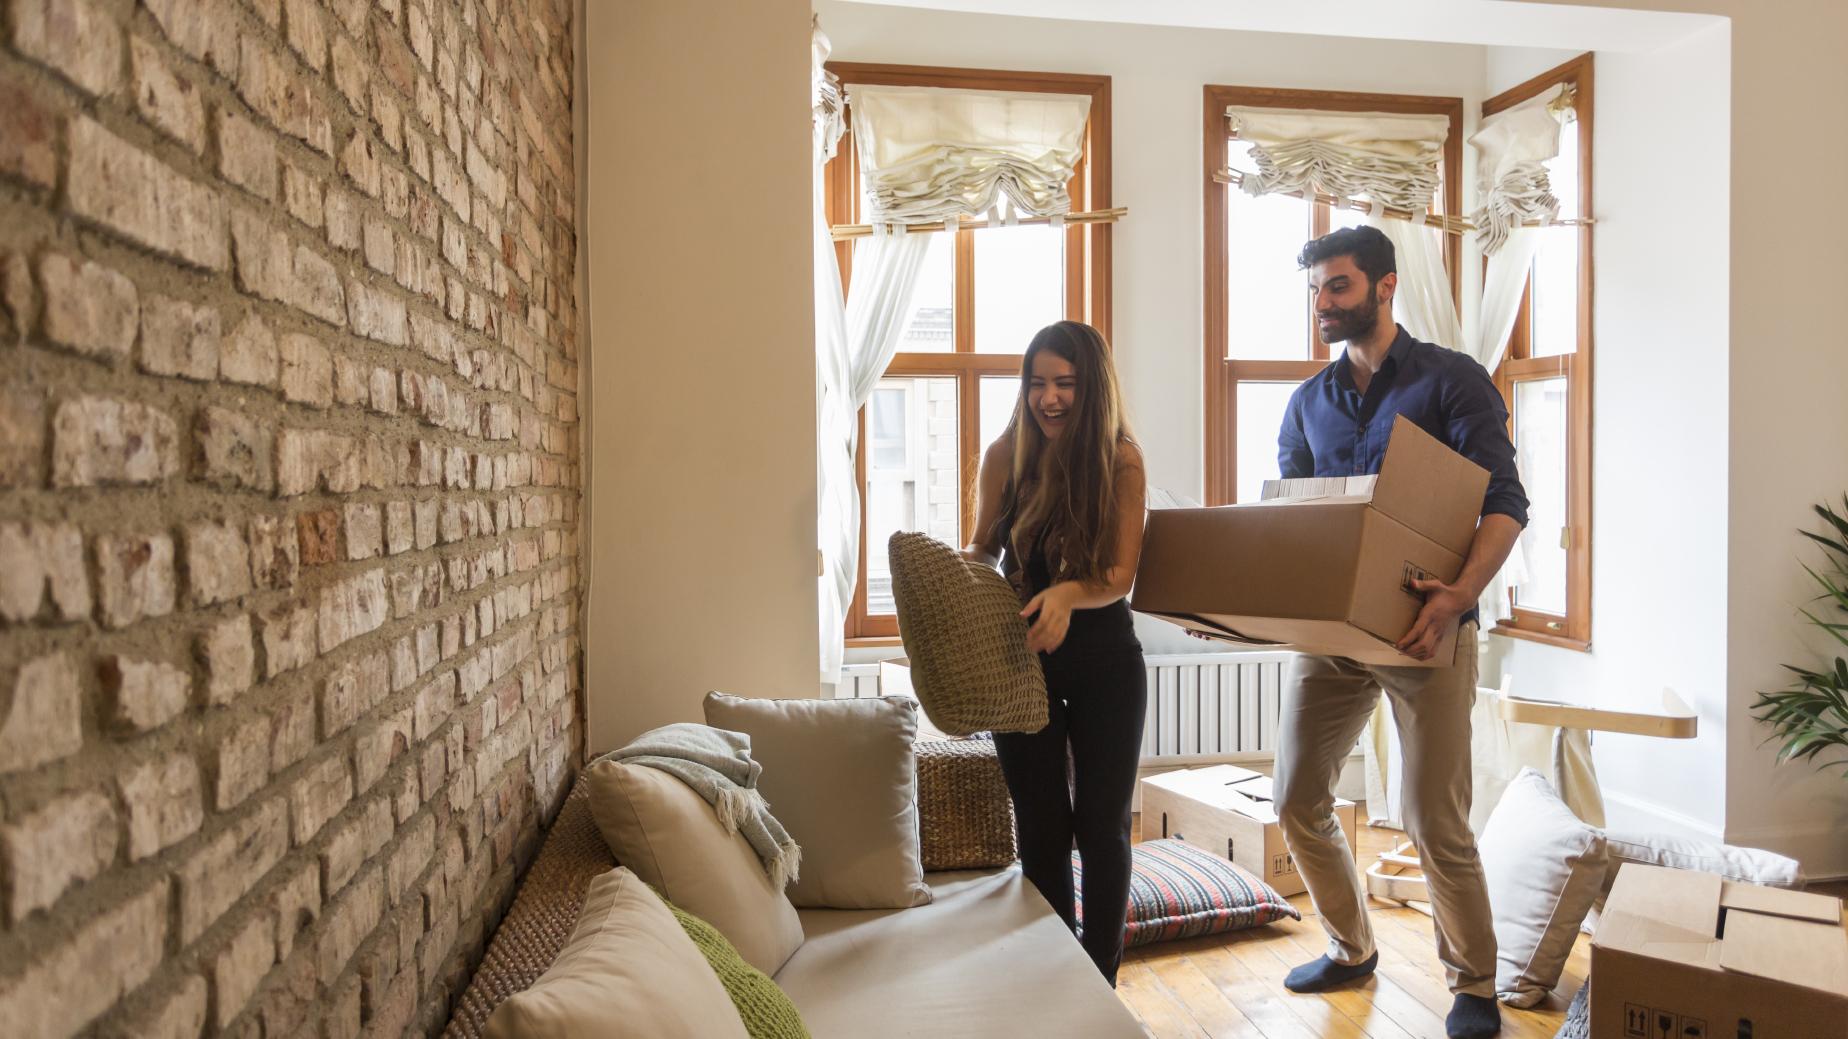 Wohnung mieten provisionsfreie mietwohnungen auf for Mietwohnungen mieten